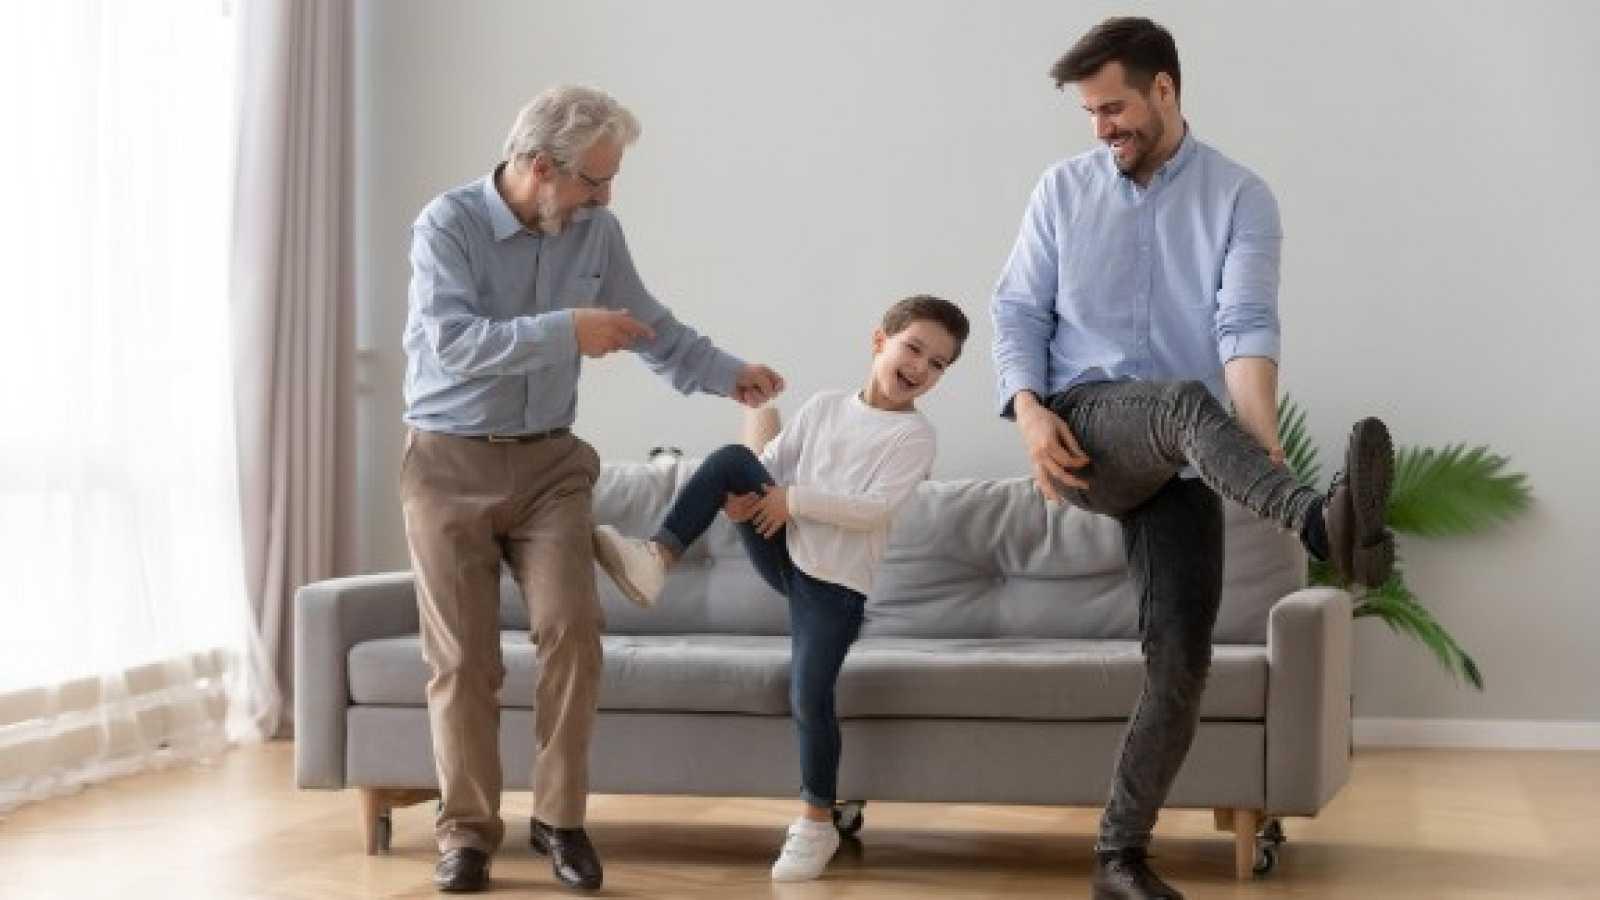 Bailar en familia, la mejor terapia para el confinamiento